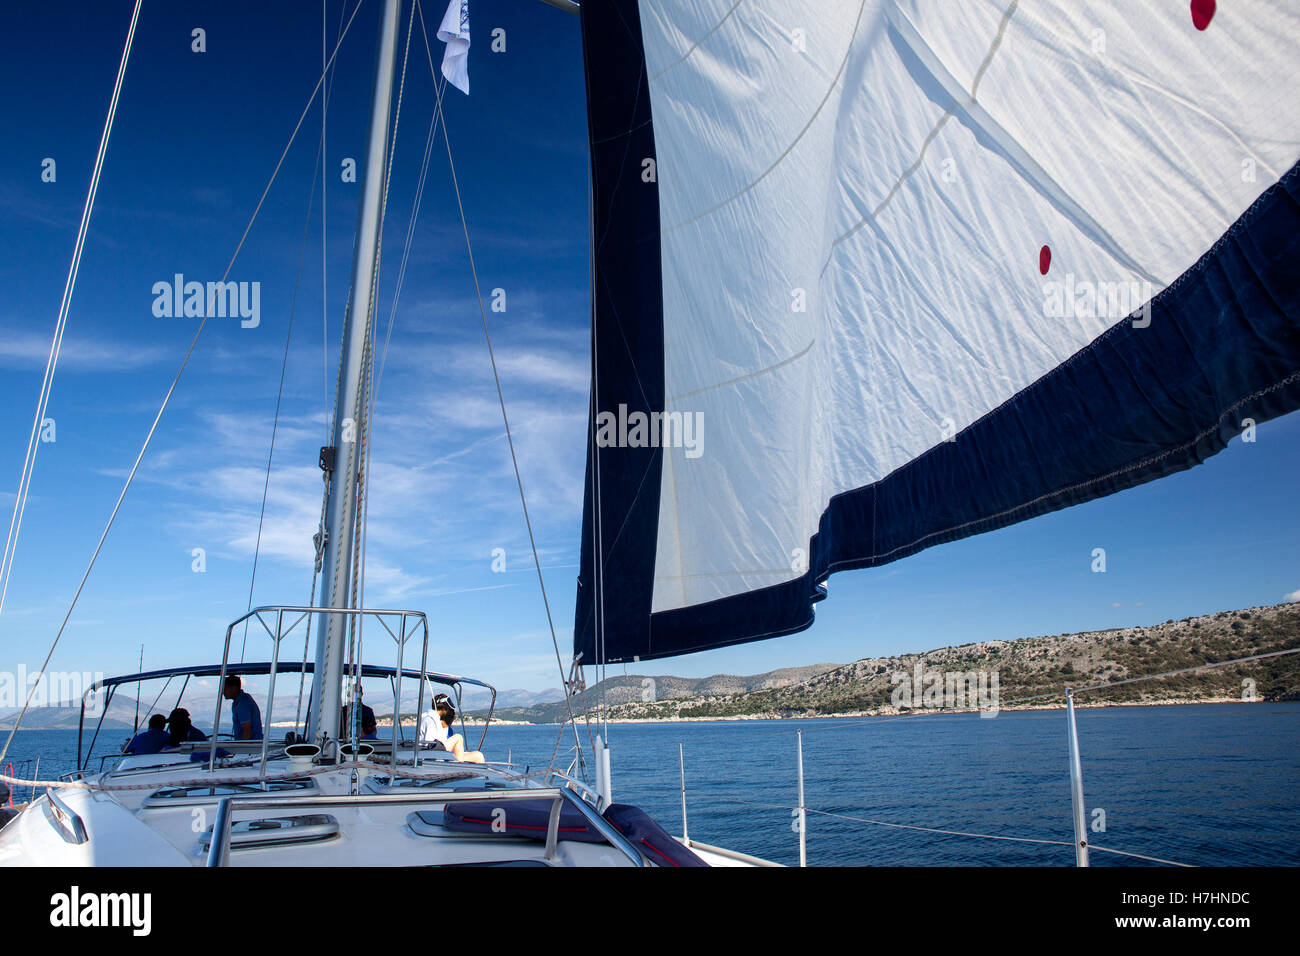 Location de Bateaux, voile régate. Photo Stock